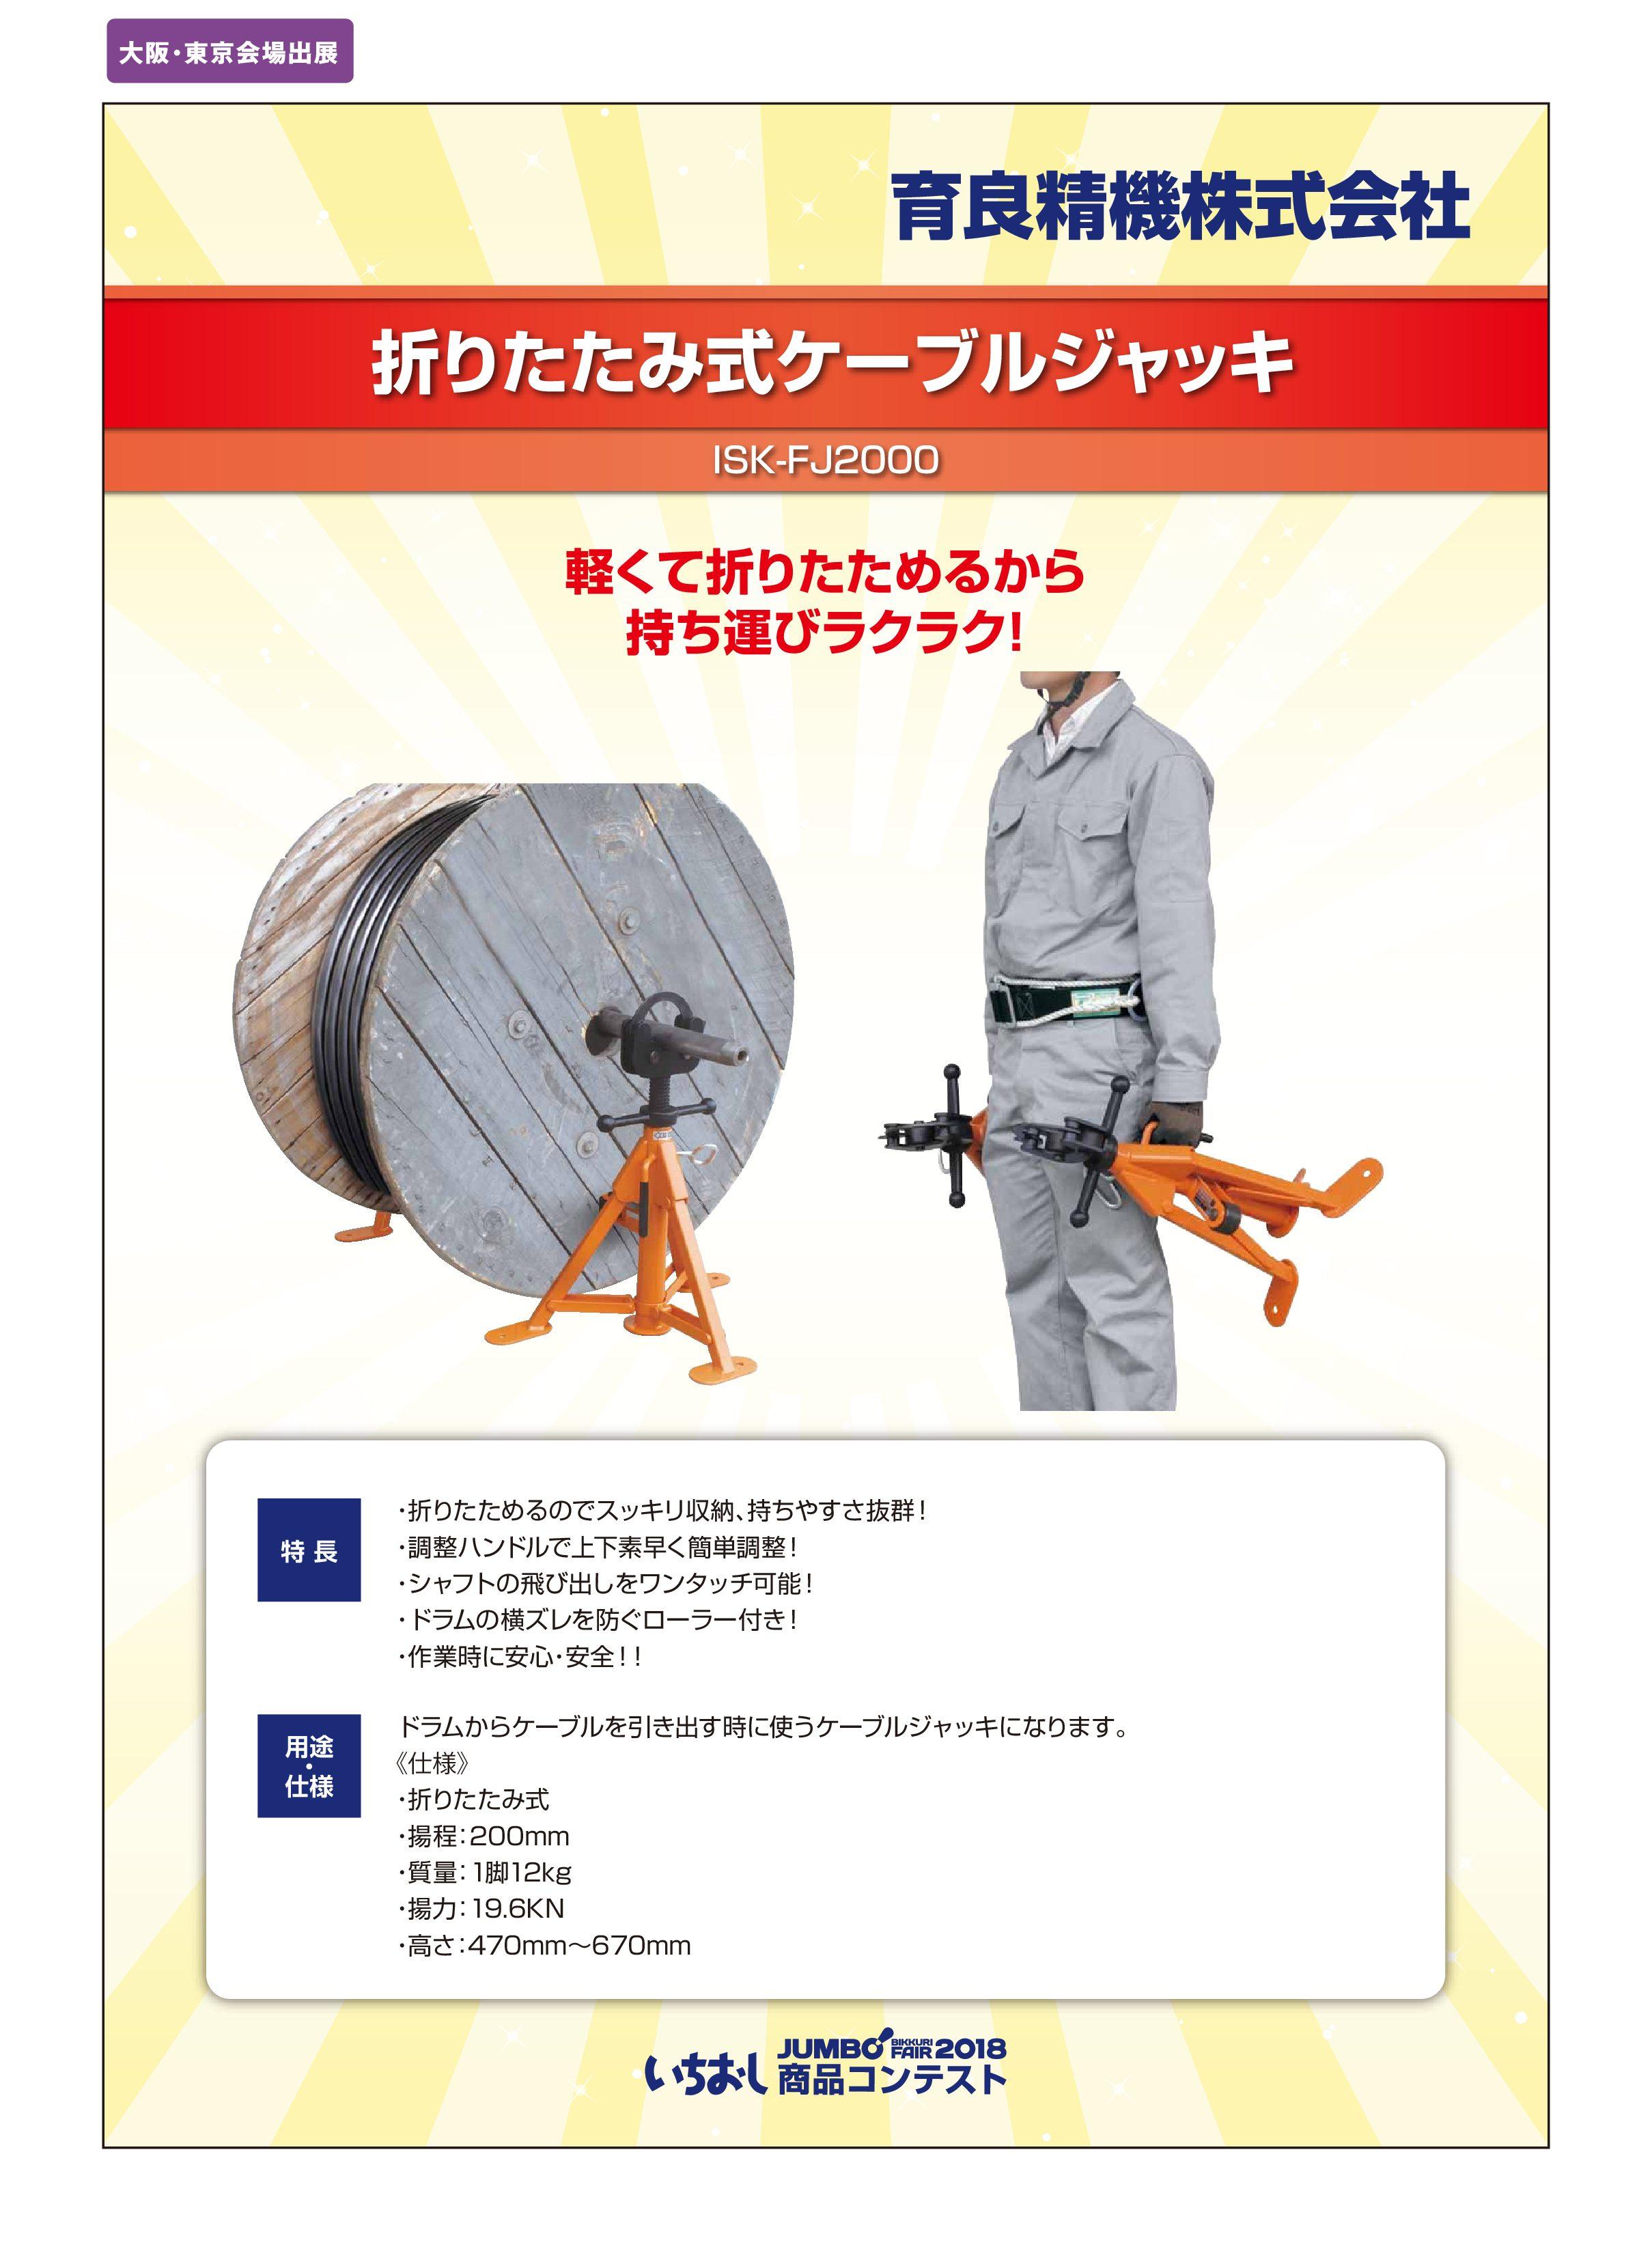 「折りたたみ式ケーブルジャッキ」育良精機株式会社の画像